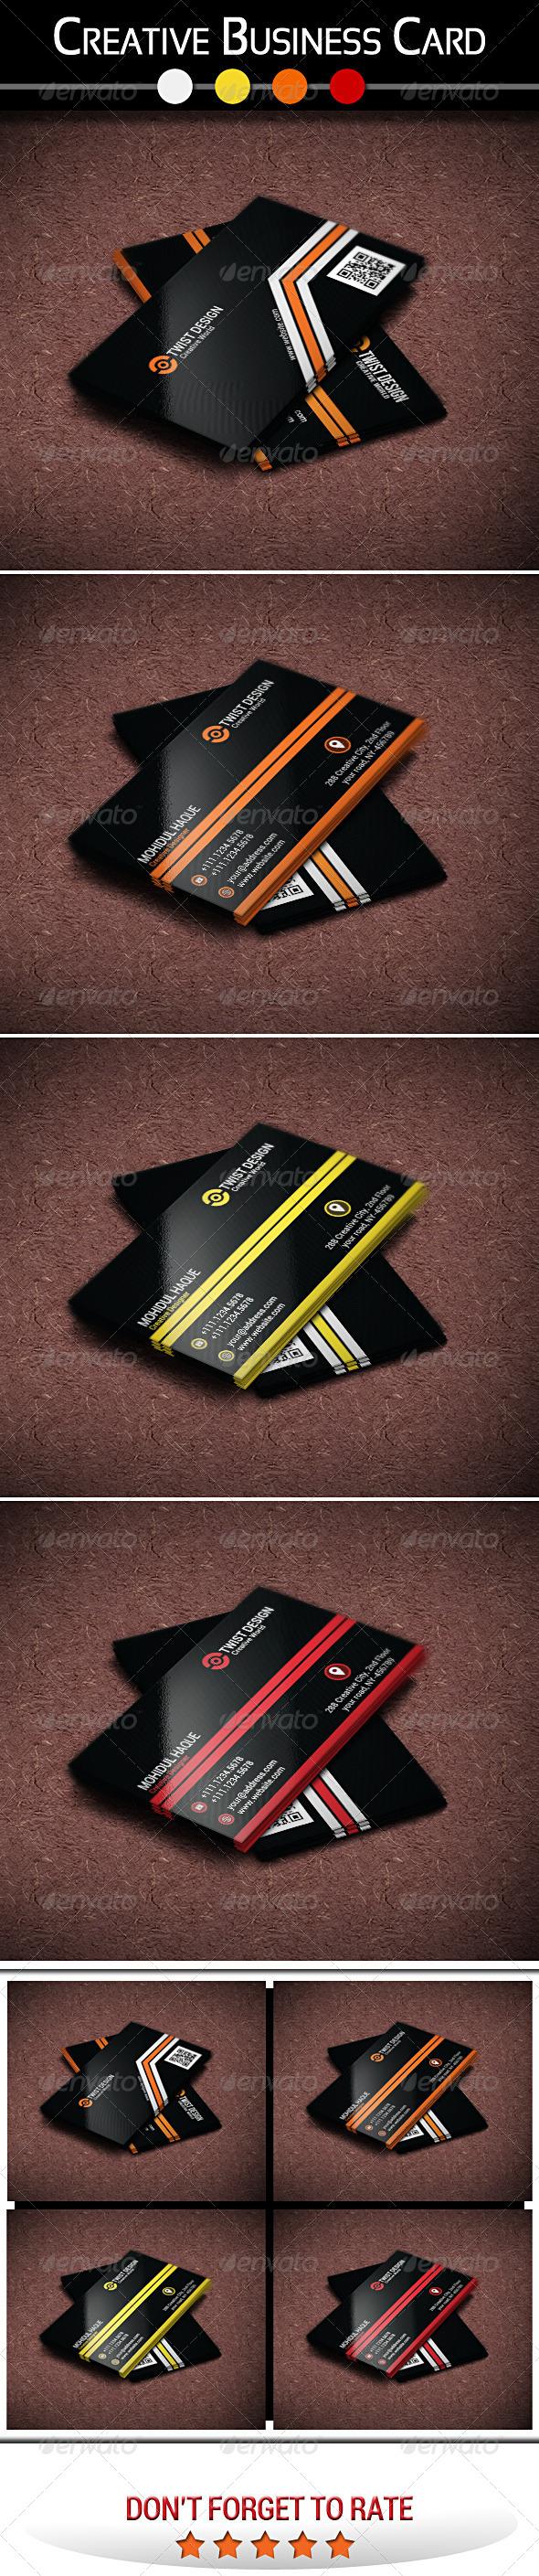 GraphicRiver Creative Business Card V-2 6511040